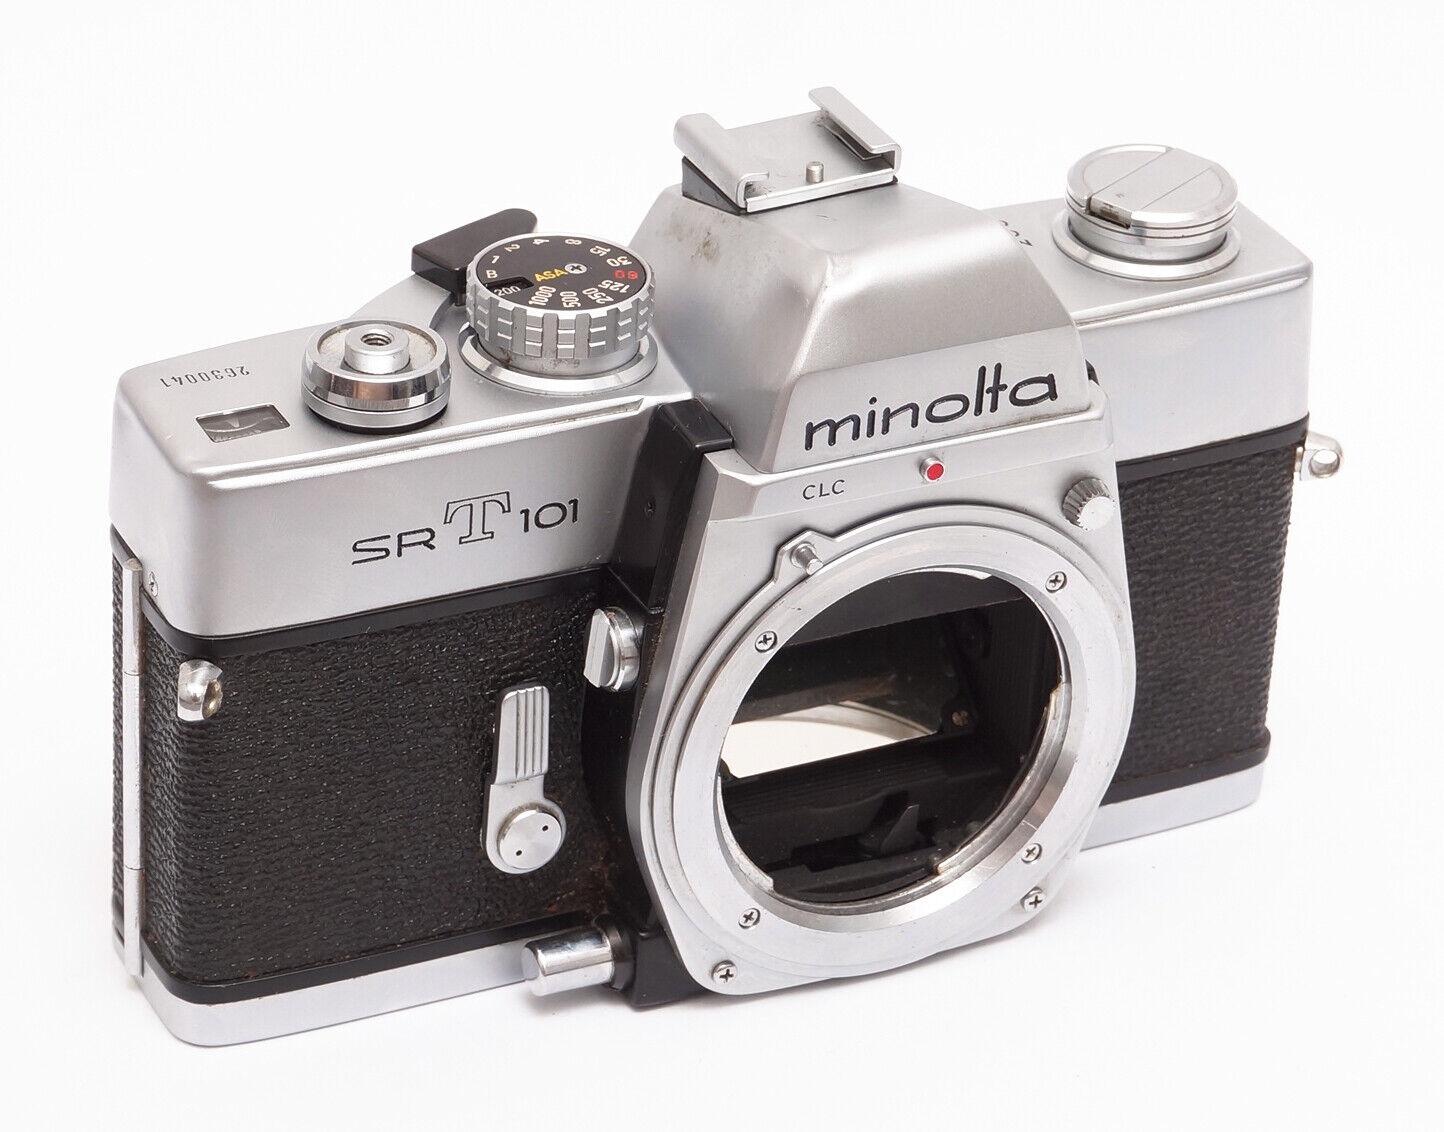 MINOLTA SRT101 SPIEGELREFLEX KAMERA MC SR MD MOUNT 35MM FILMKAMERA SRT 101